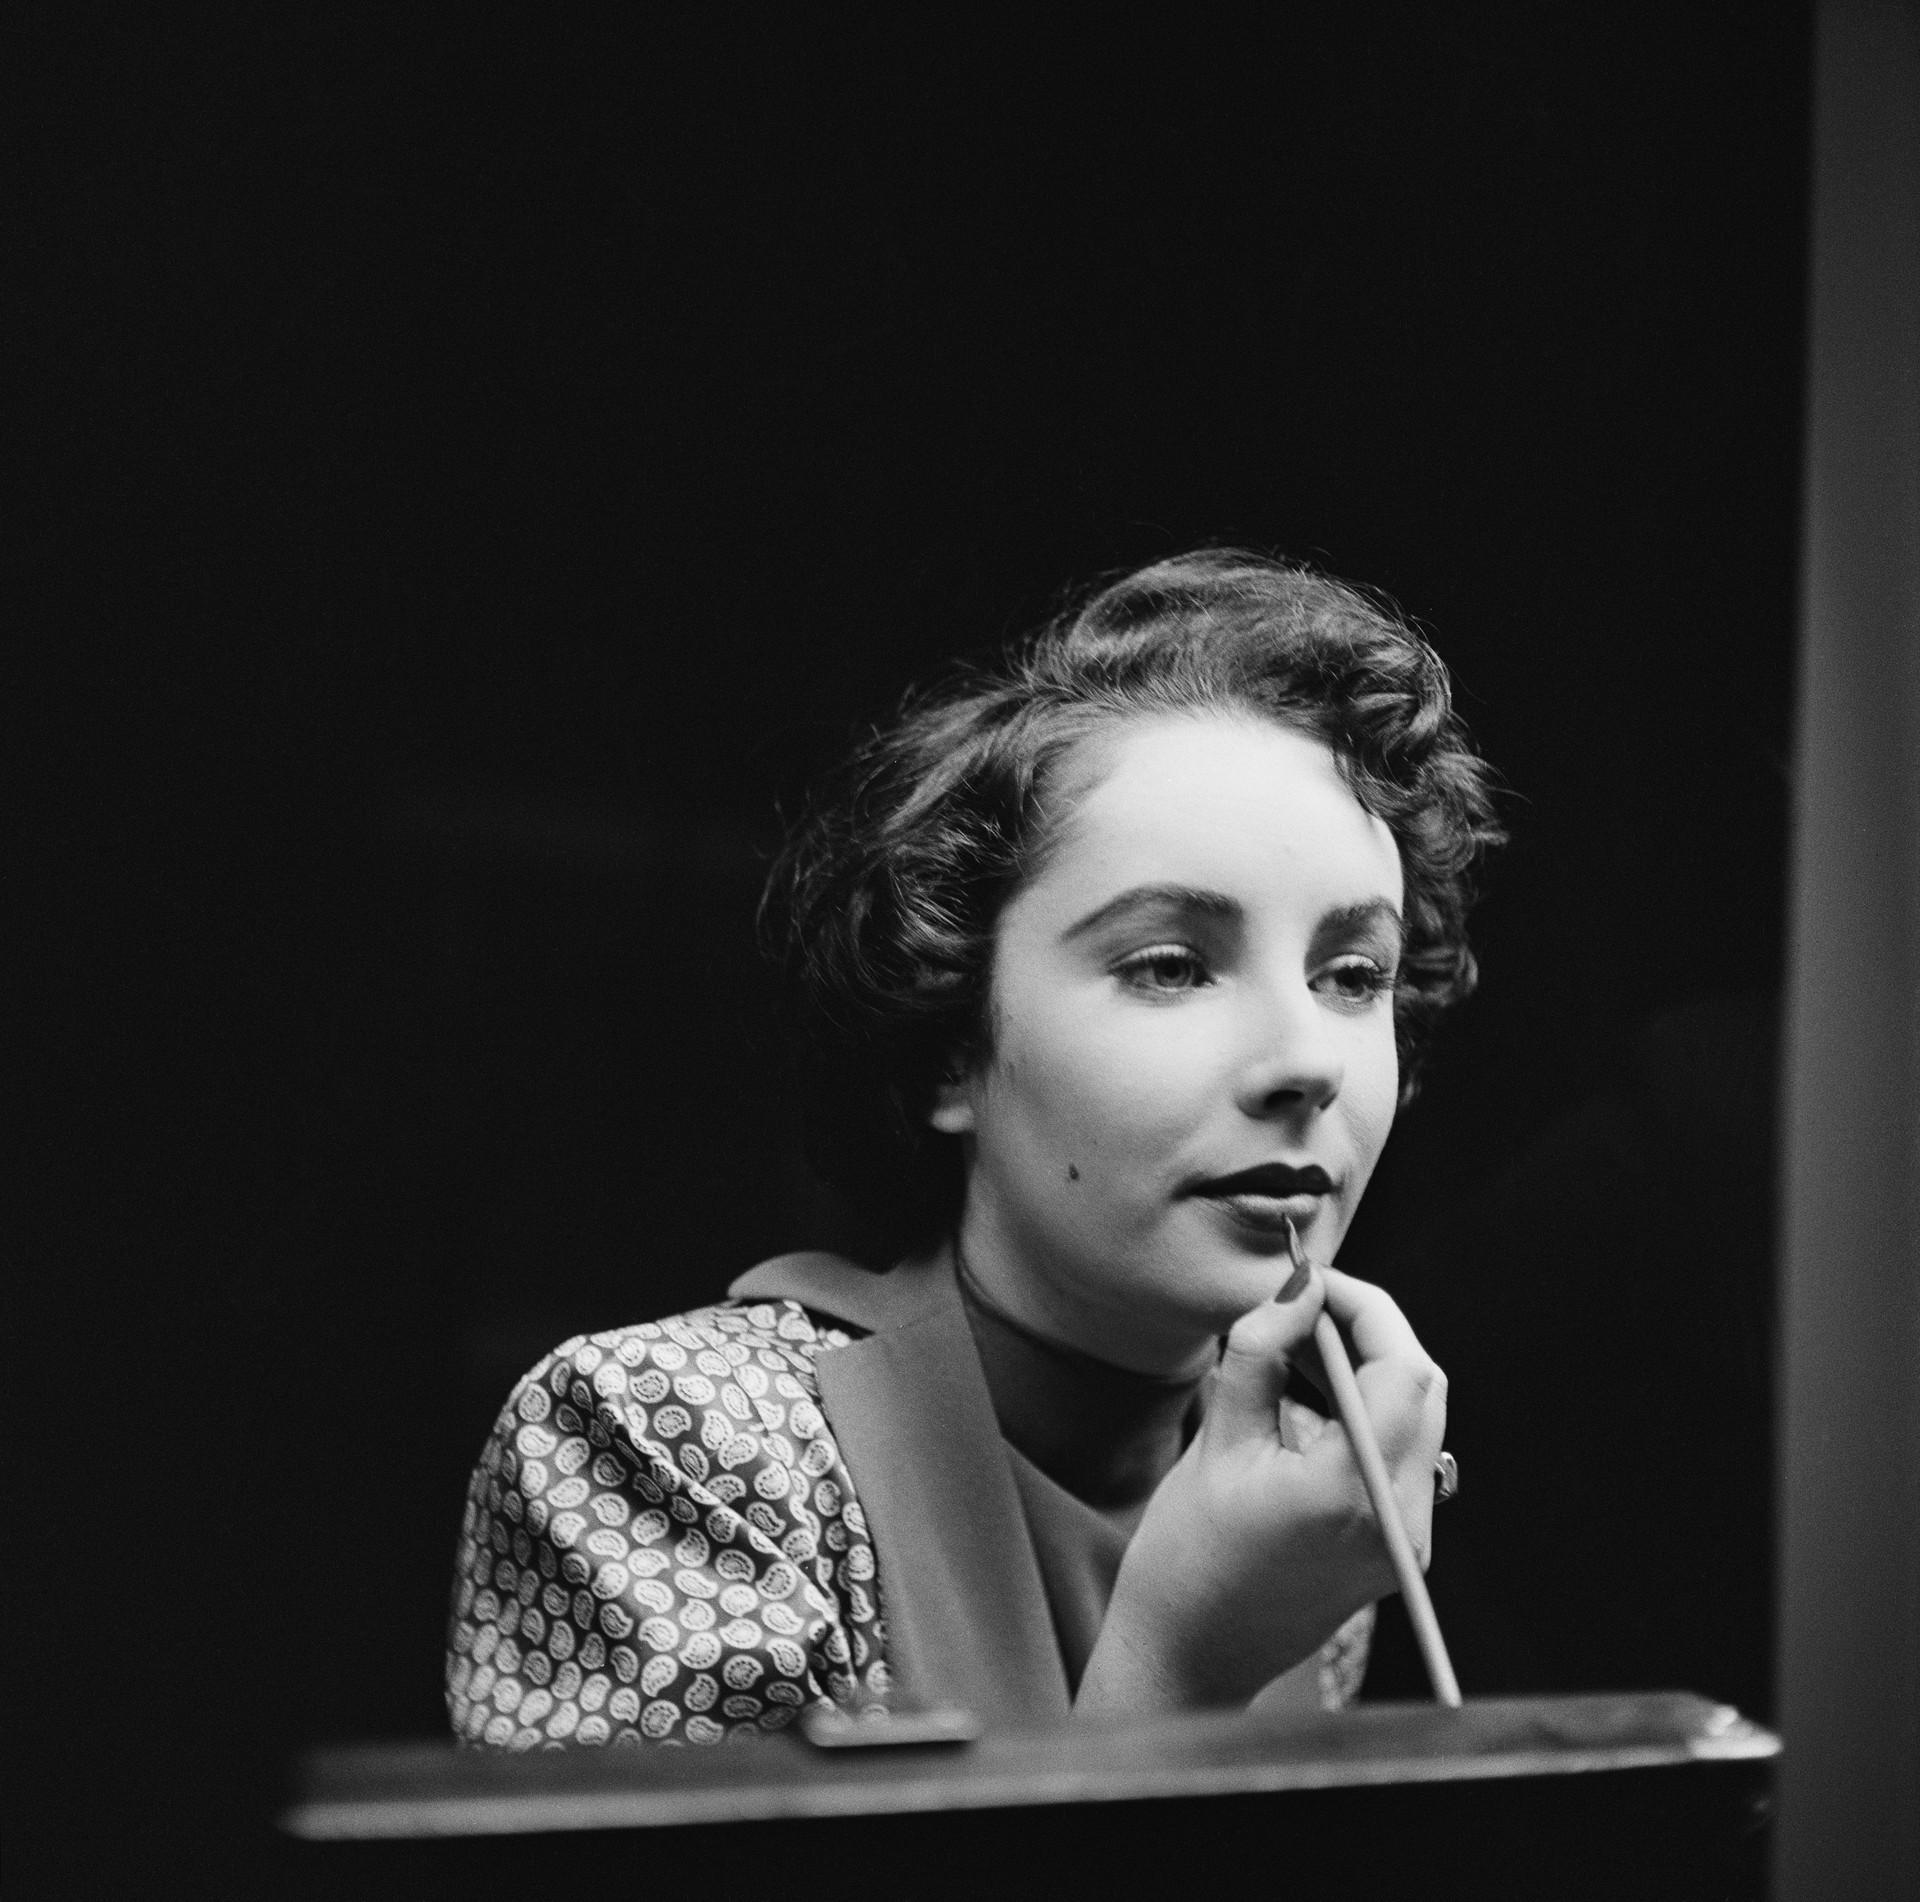 A renomada atriz de 'Cleópatra' (1963), 'Gata em Teto de Zinco Quente' (1958) e 'Quem Tem Medo de Virginia Woolf' (1966) submeteu-se a uma radioterapia para câncer de pele em 2001. A artista faleceu em 2011 por problemas relacionados ao coração. (Foto: Getty Images)